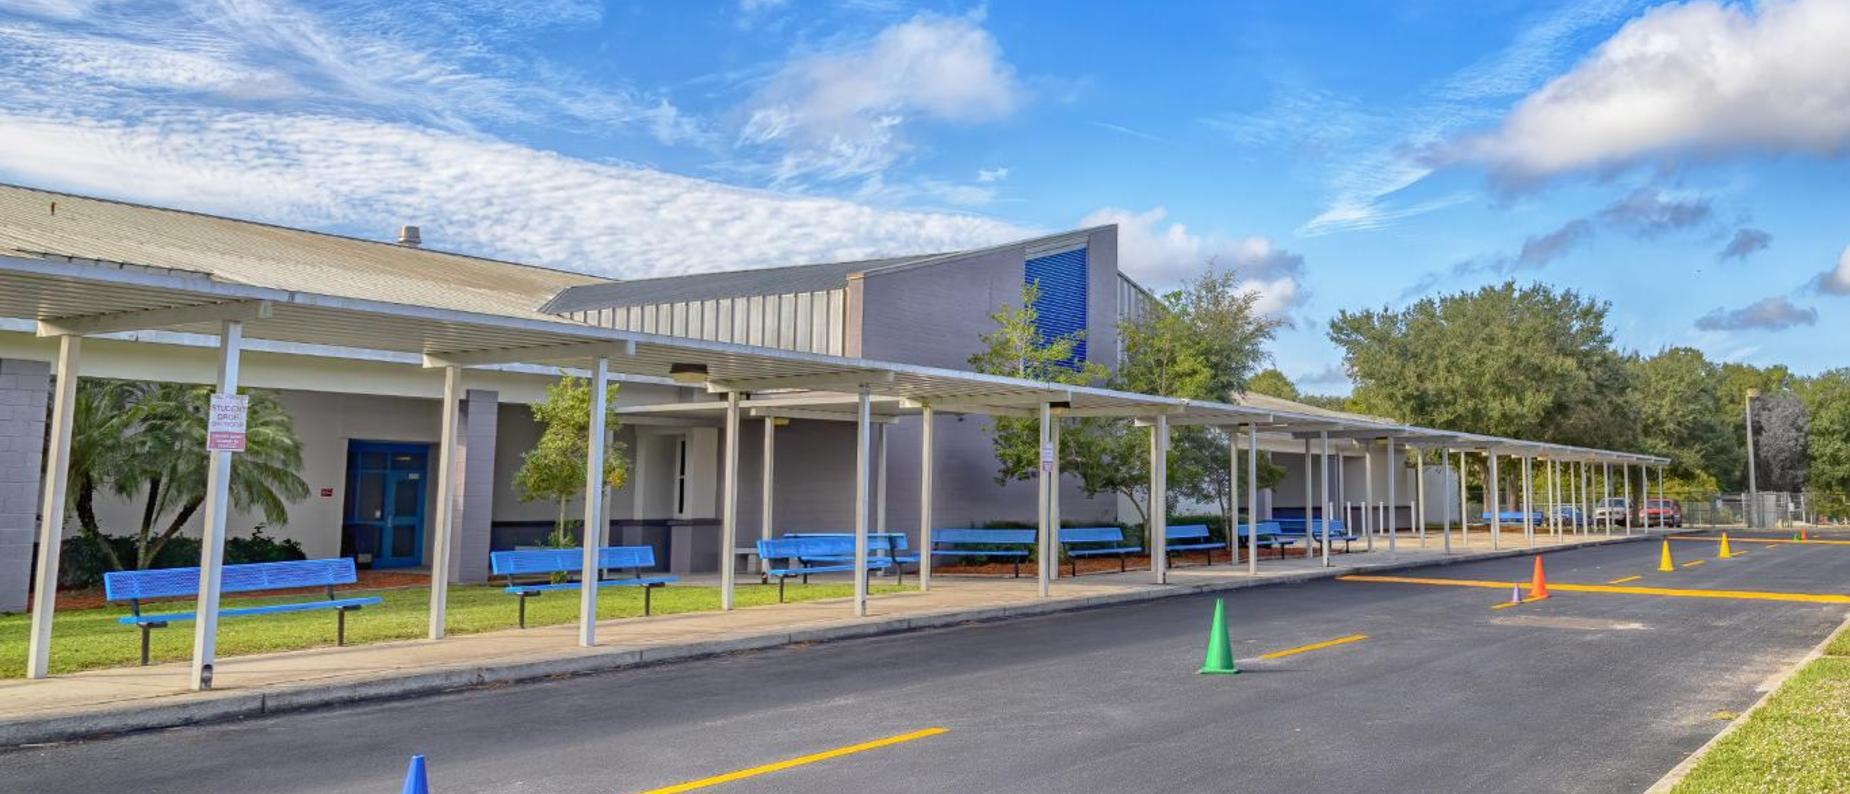 DeSoto Middle School